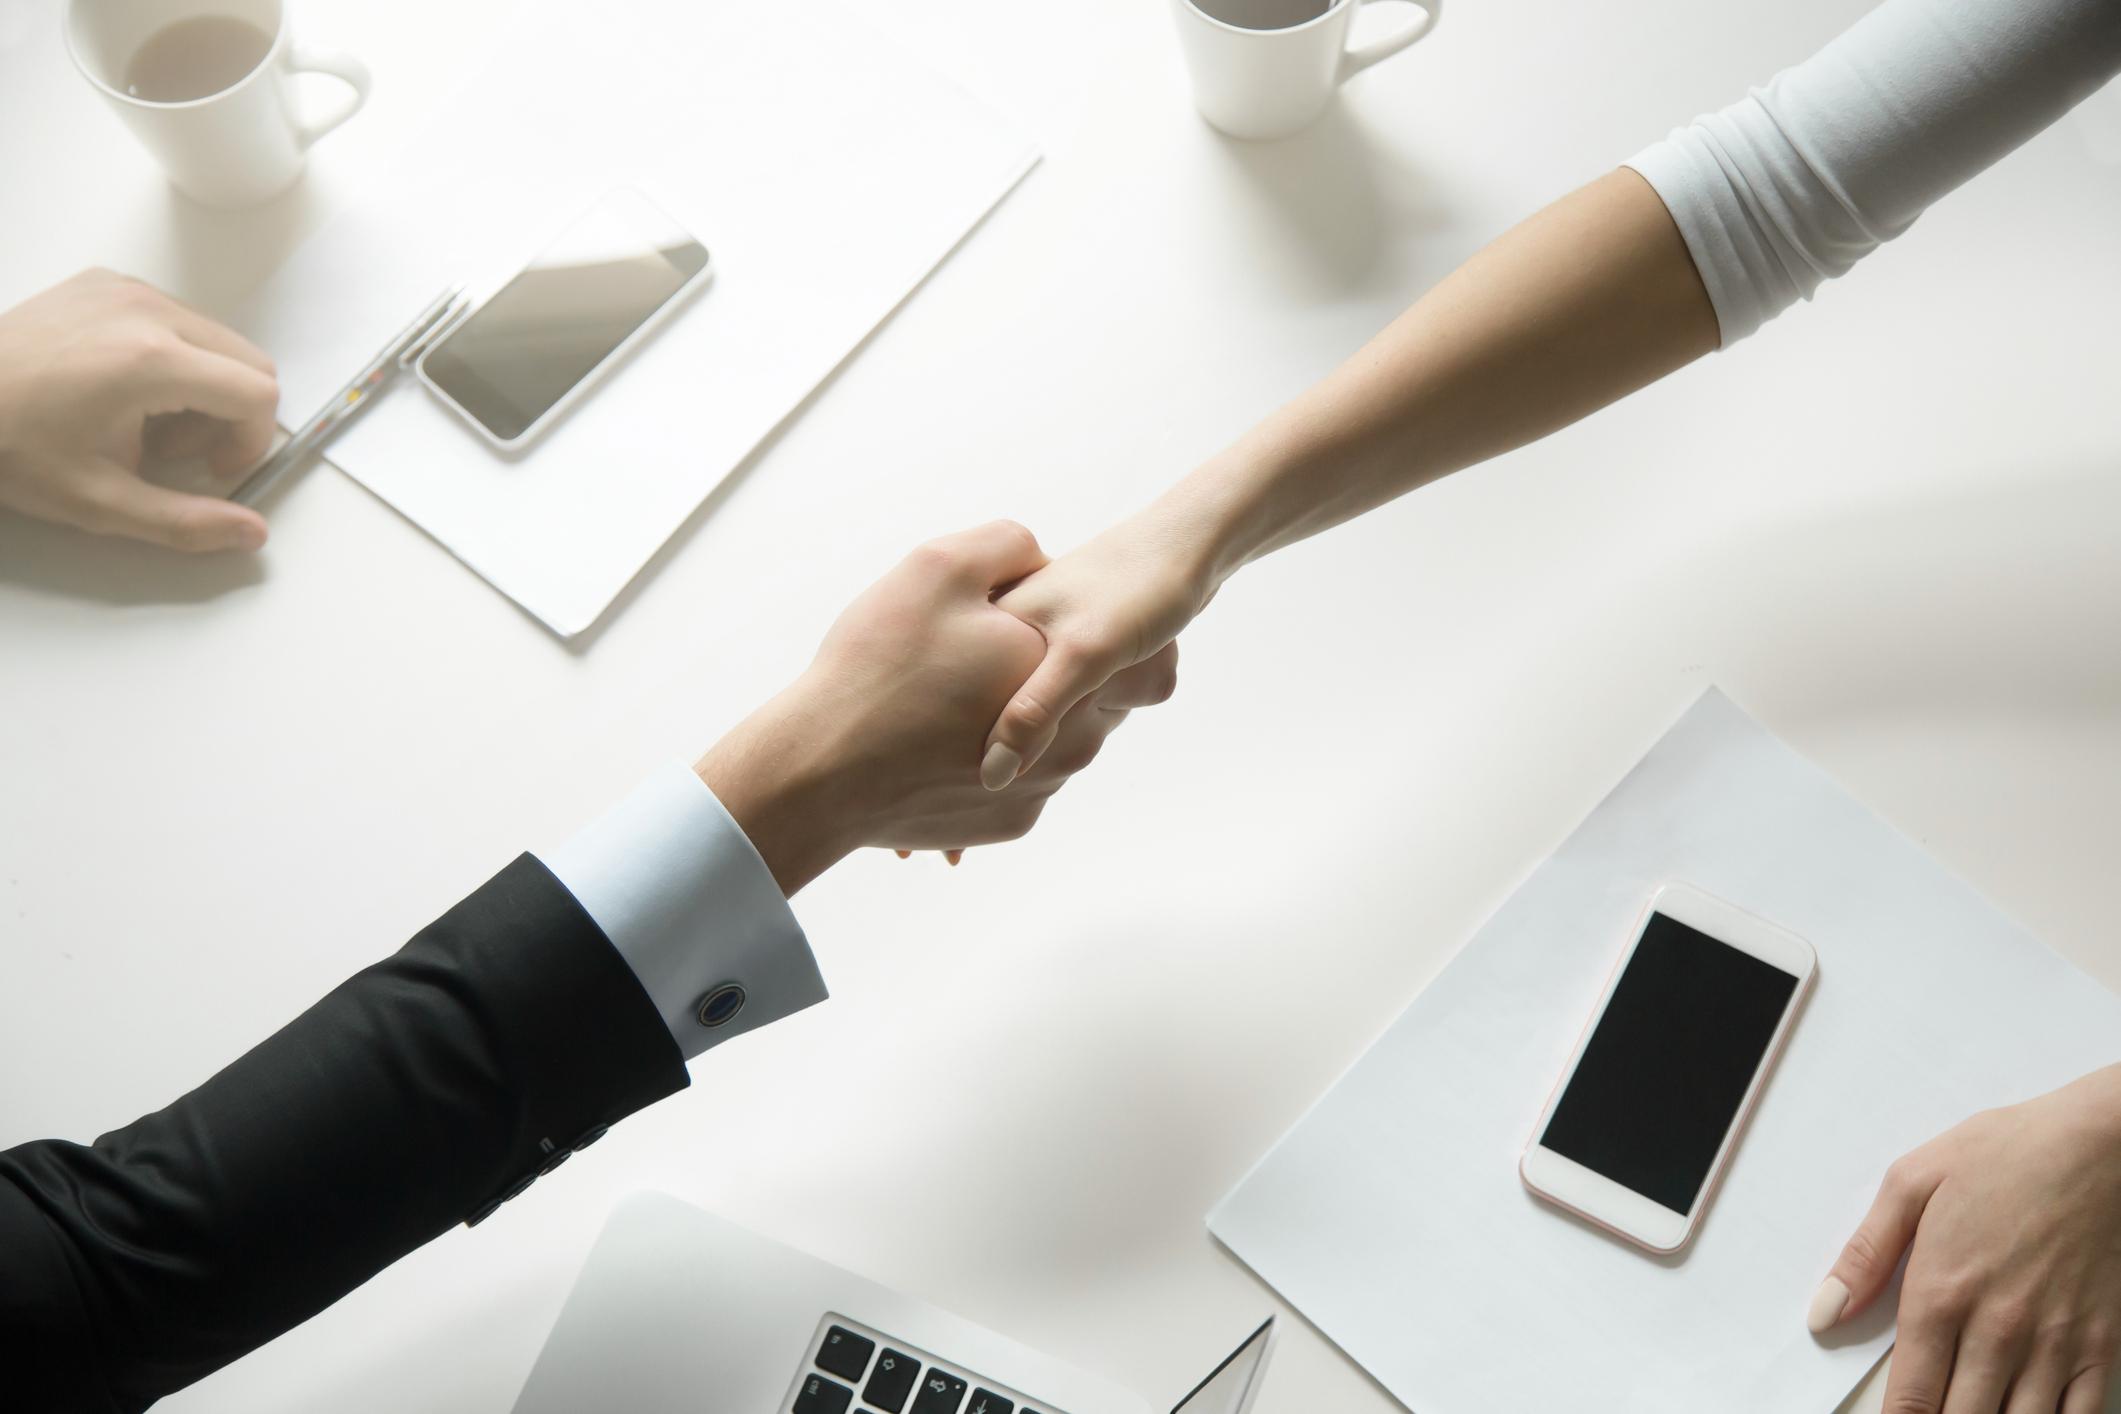 Draufsicht auf einen Händedruck zwischen Mann und Frau